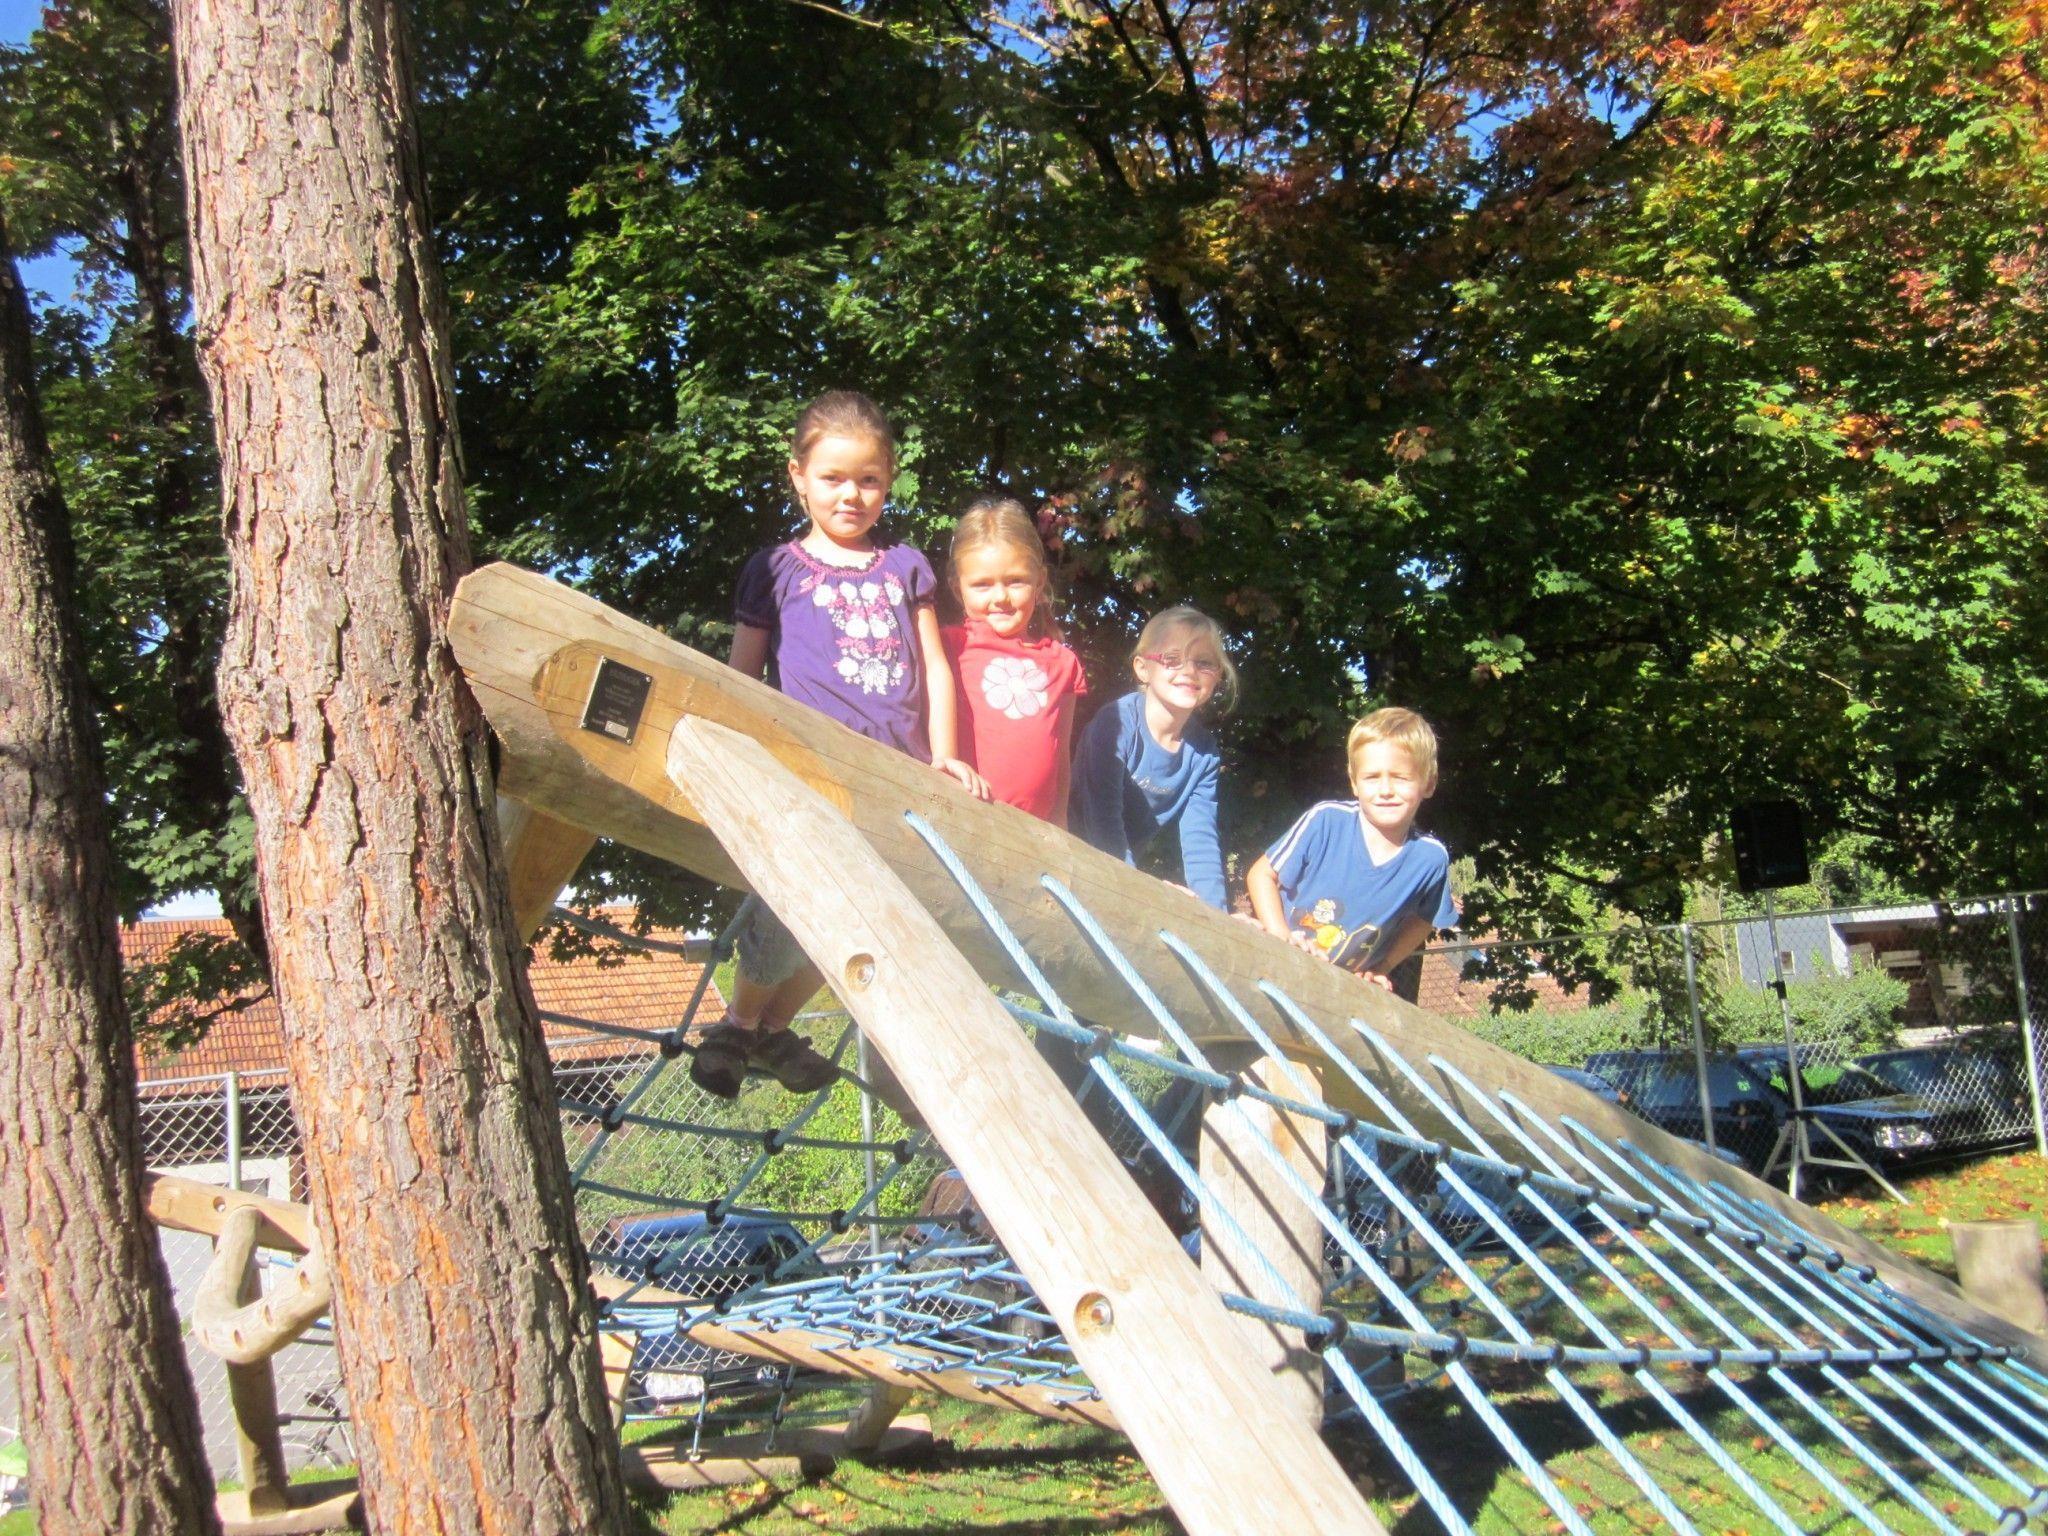 Die Kinder sind begeistert vom neuen Spielplatz.